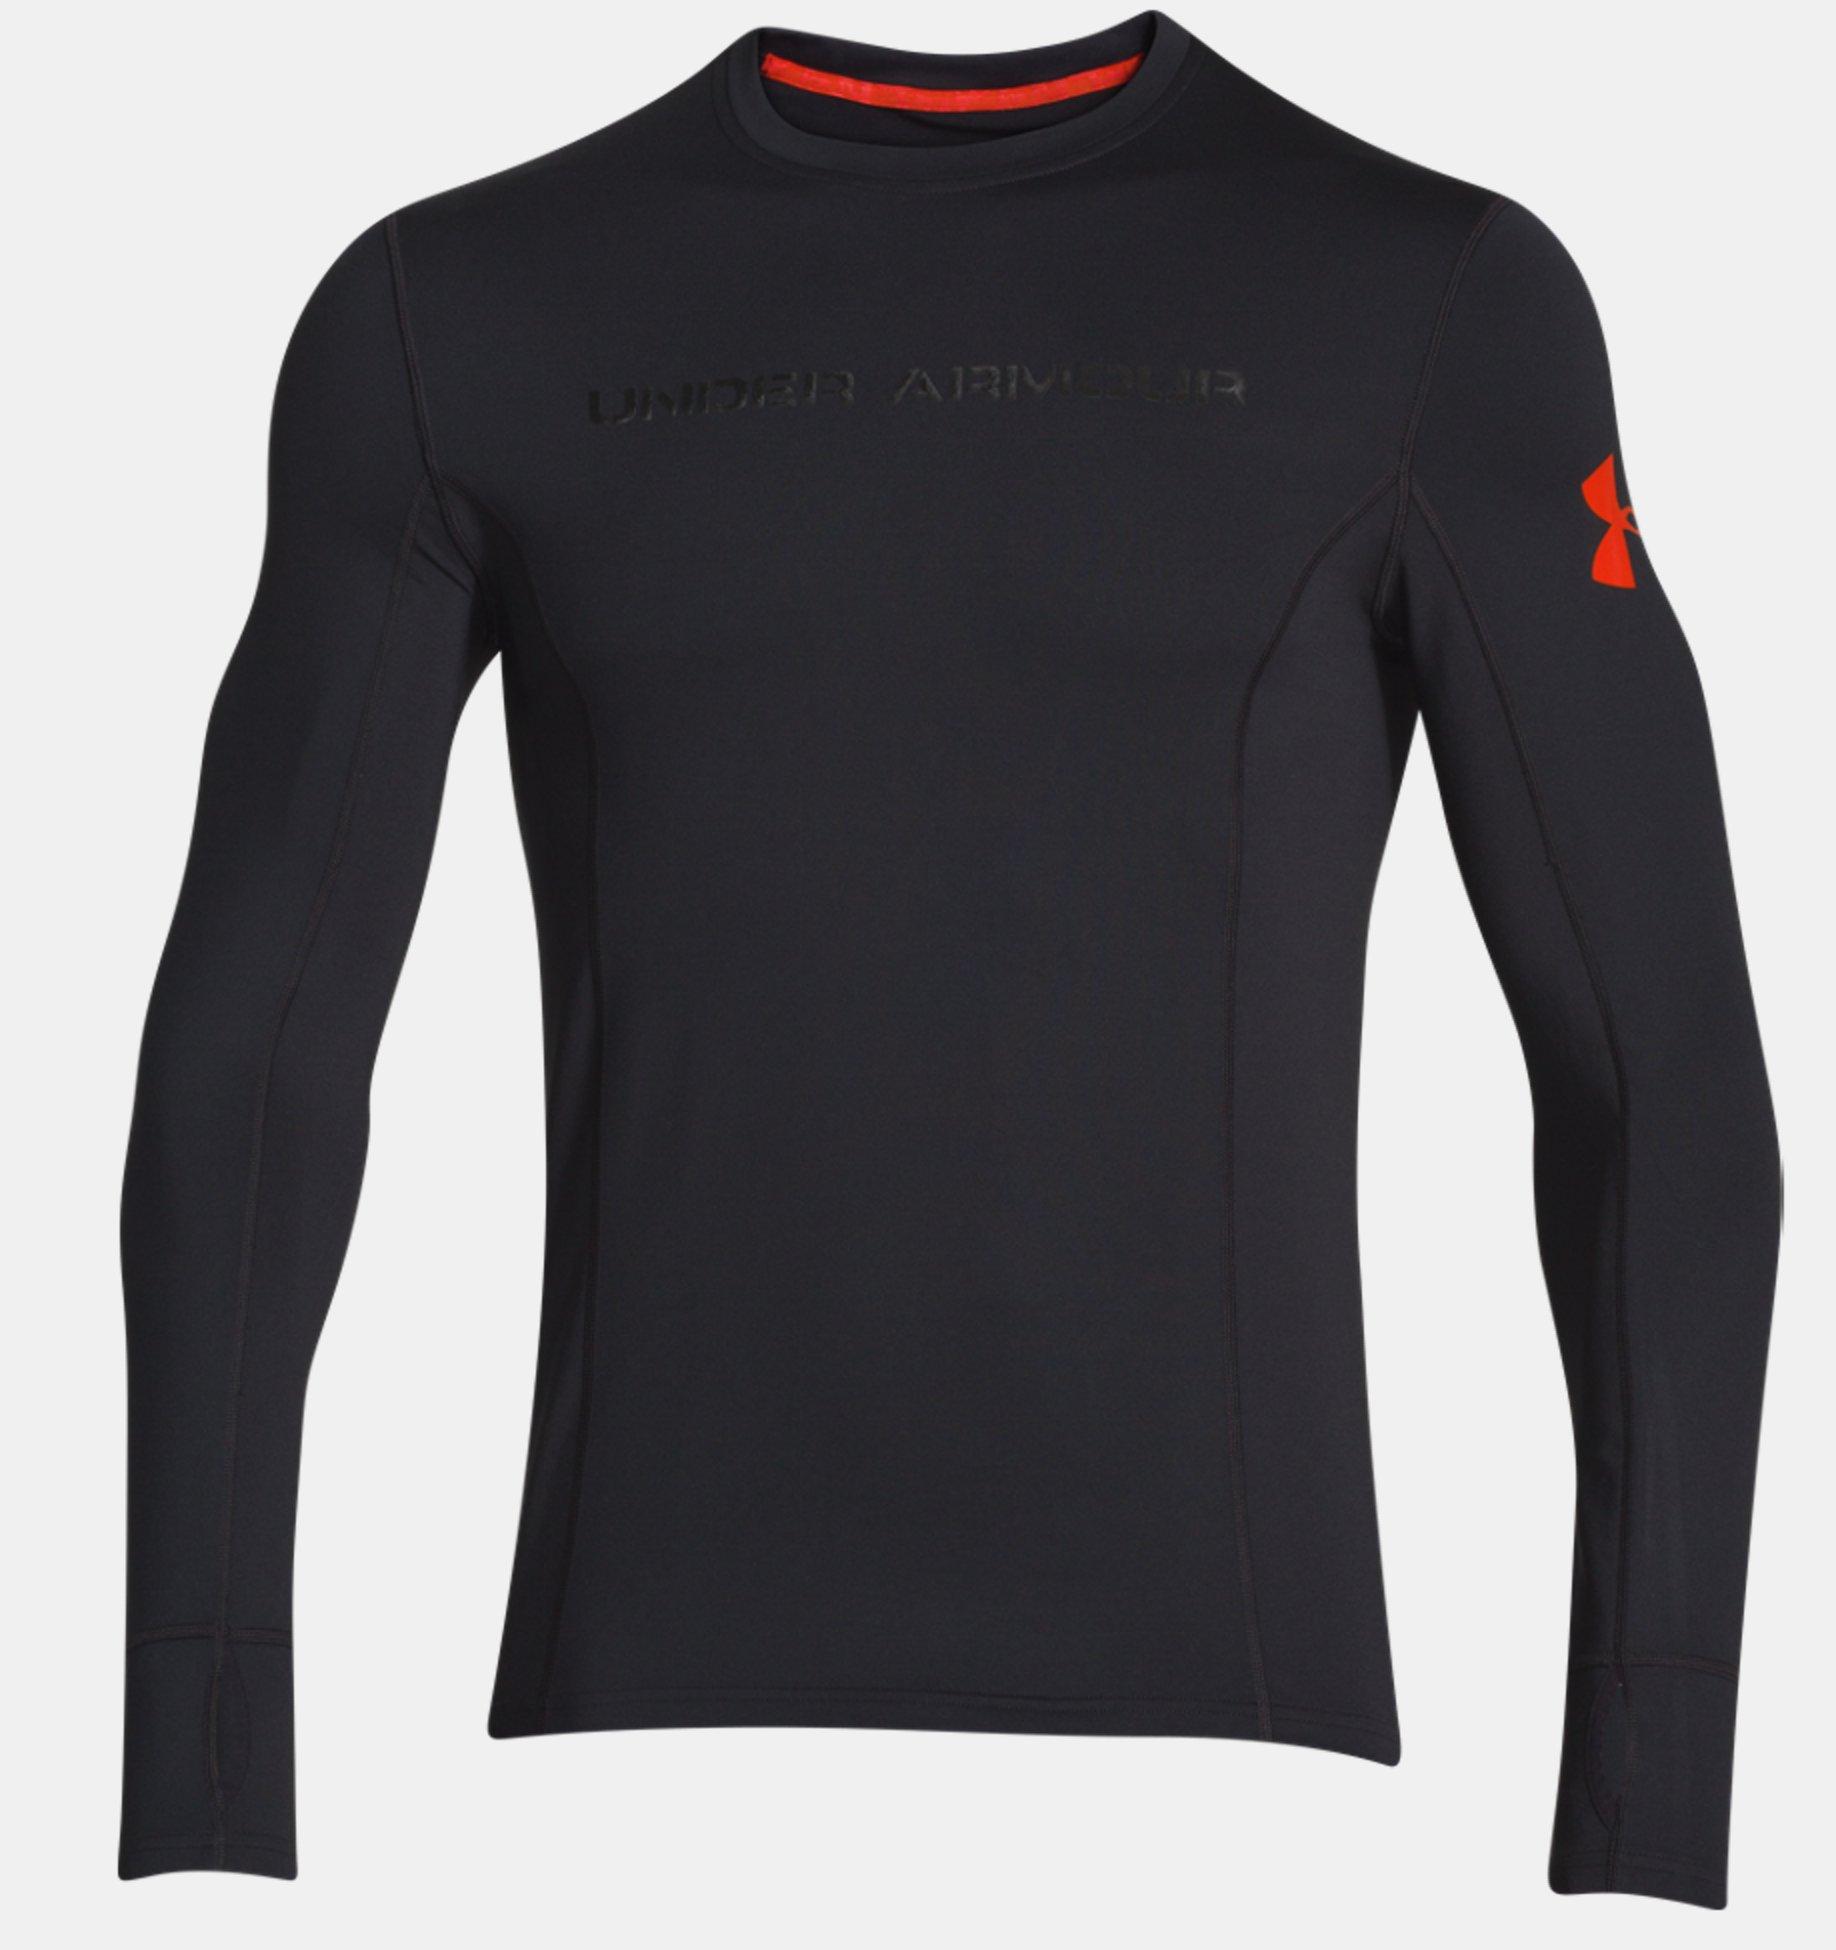 cef321eb8 ... T-shirt de compression à manches longues UA Combine® Training ColdGear®  ...